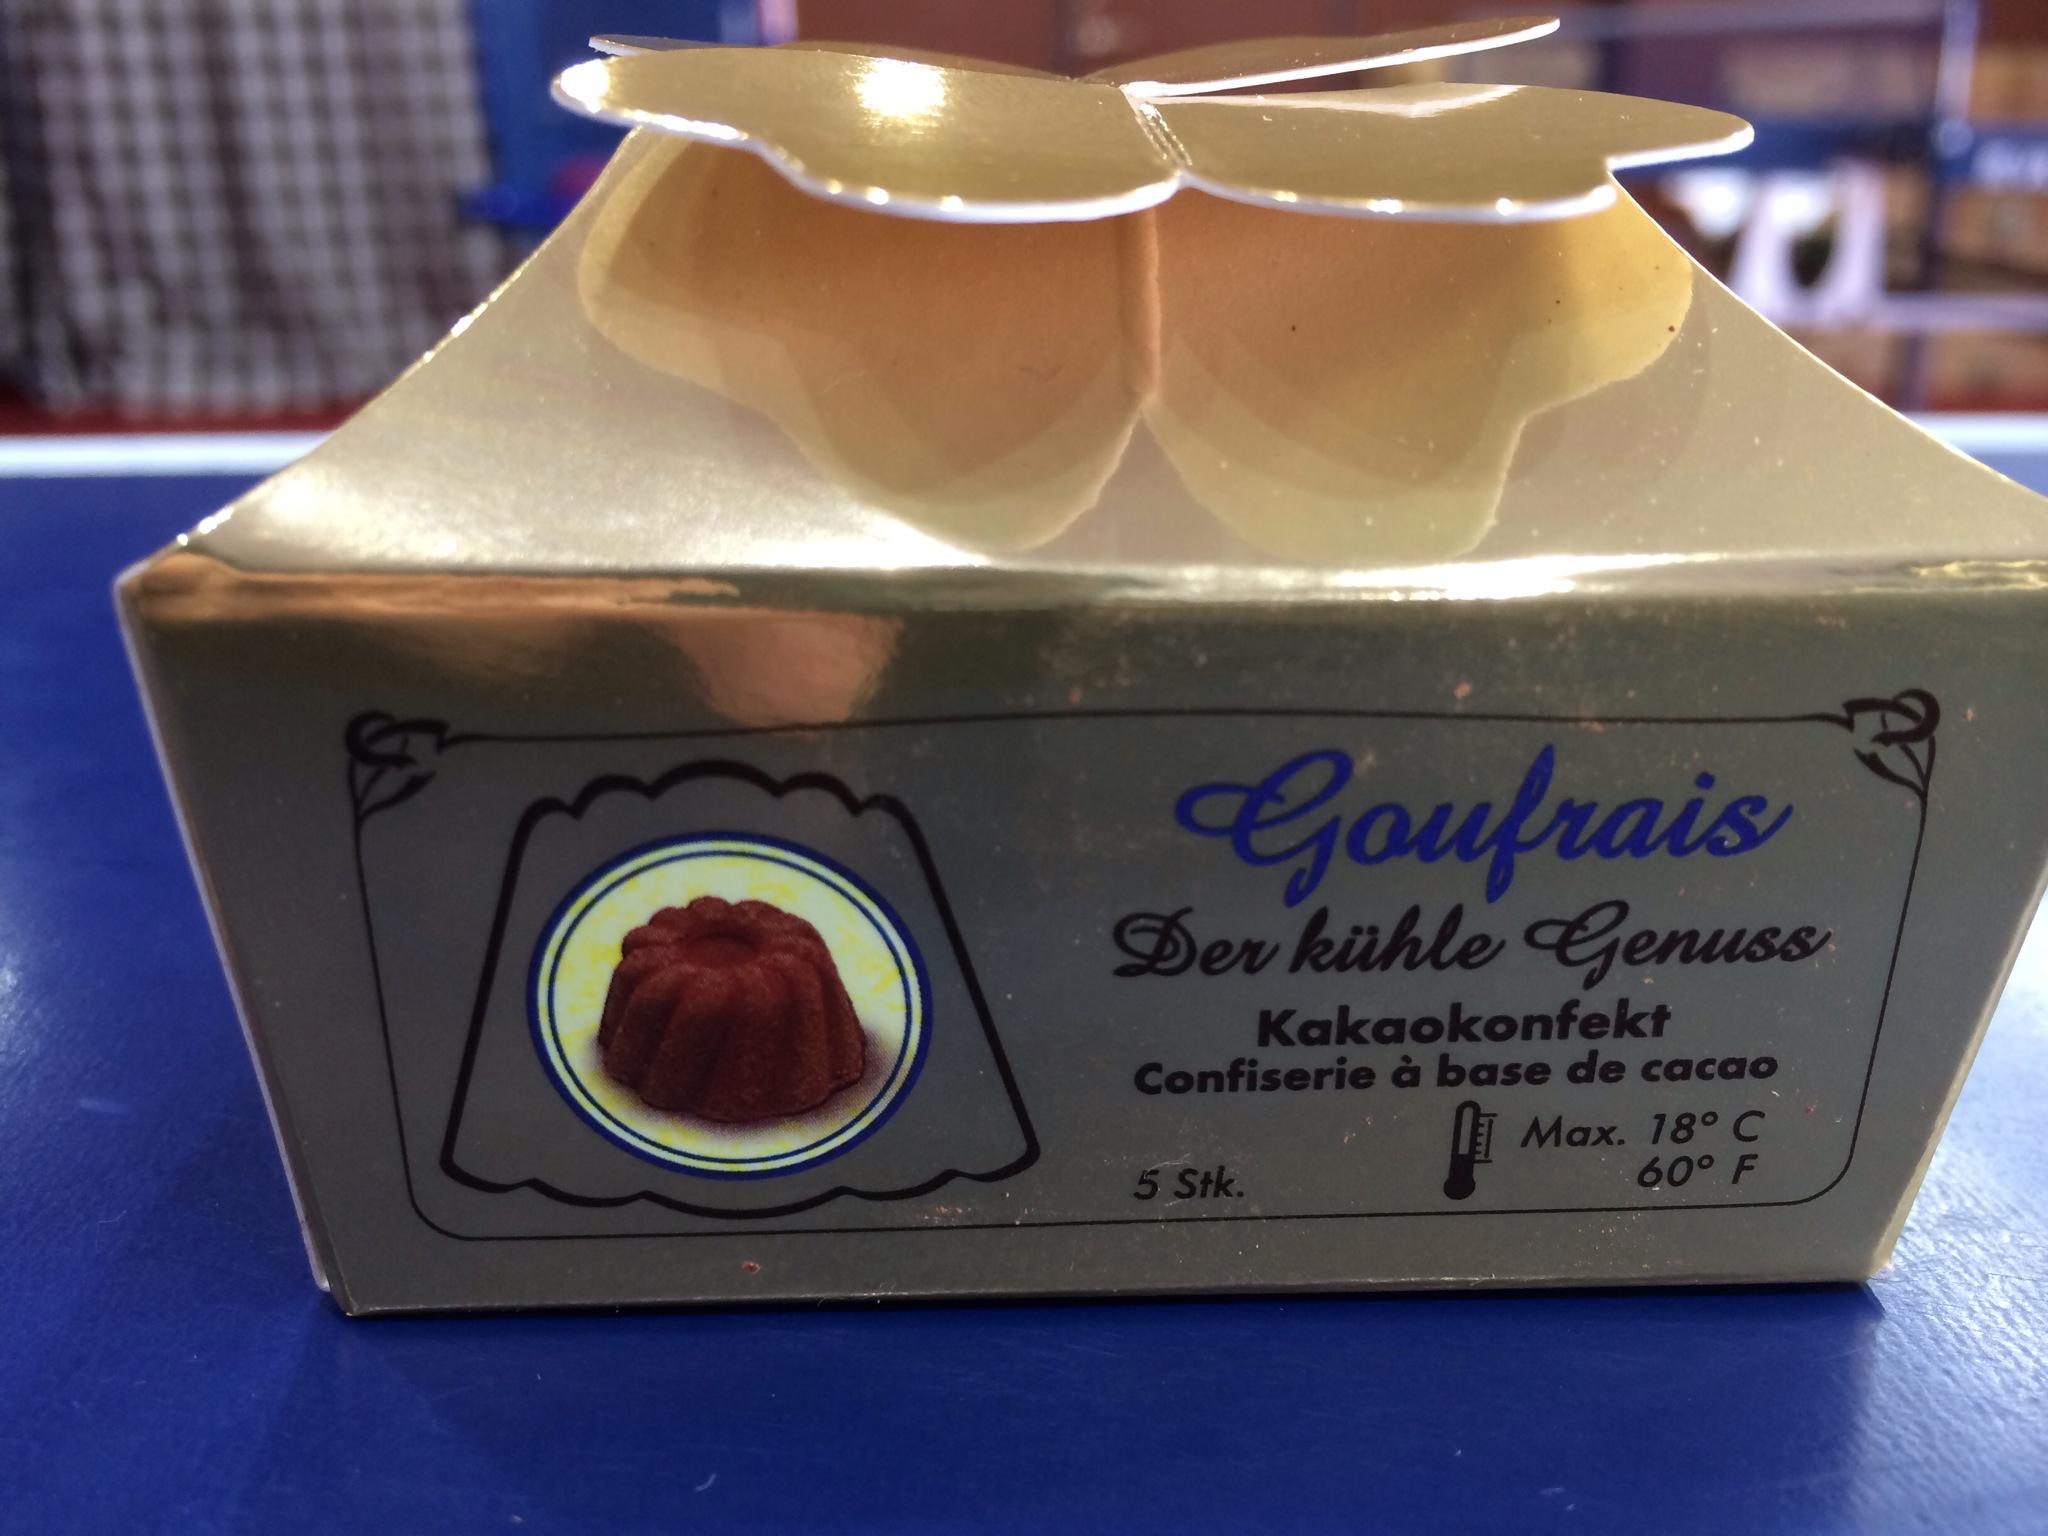 ドイツの土産のチョコレート!おいしいです(*^_^*)